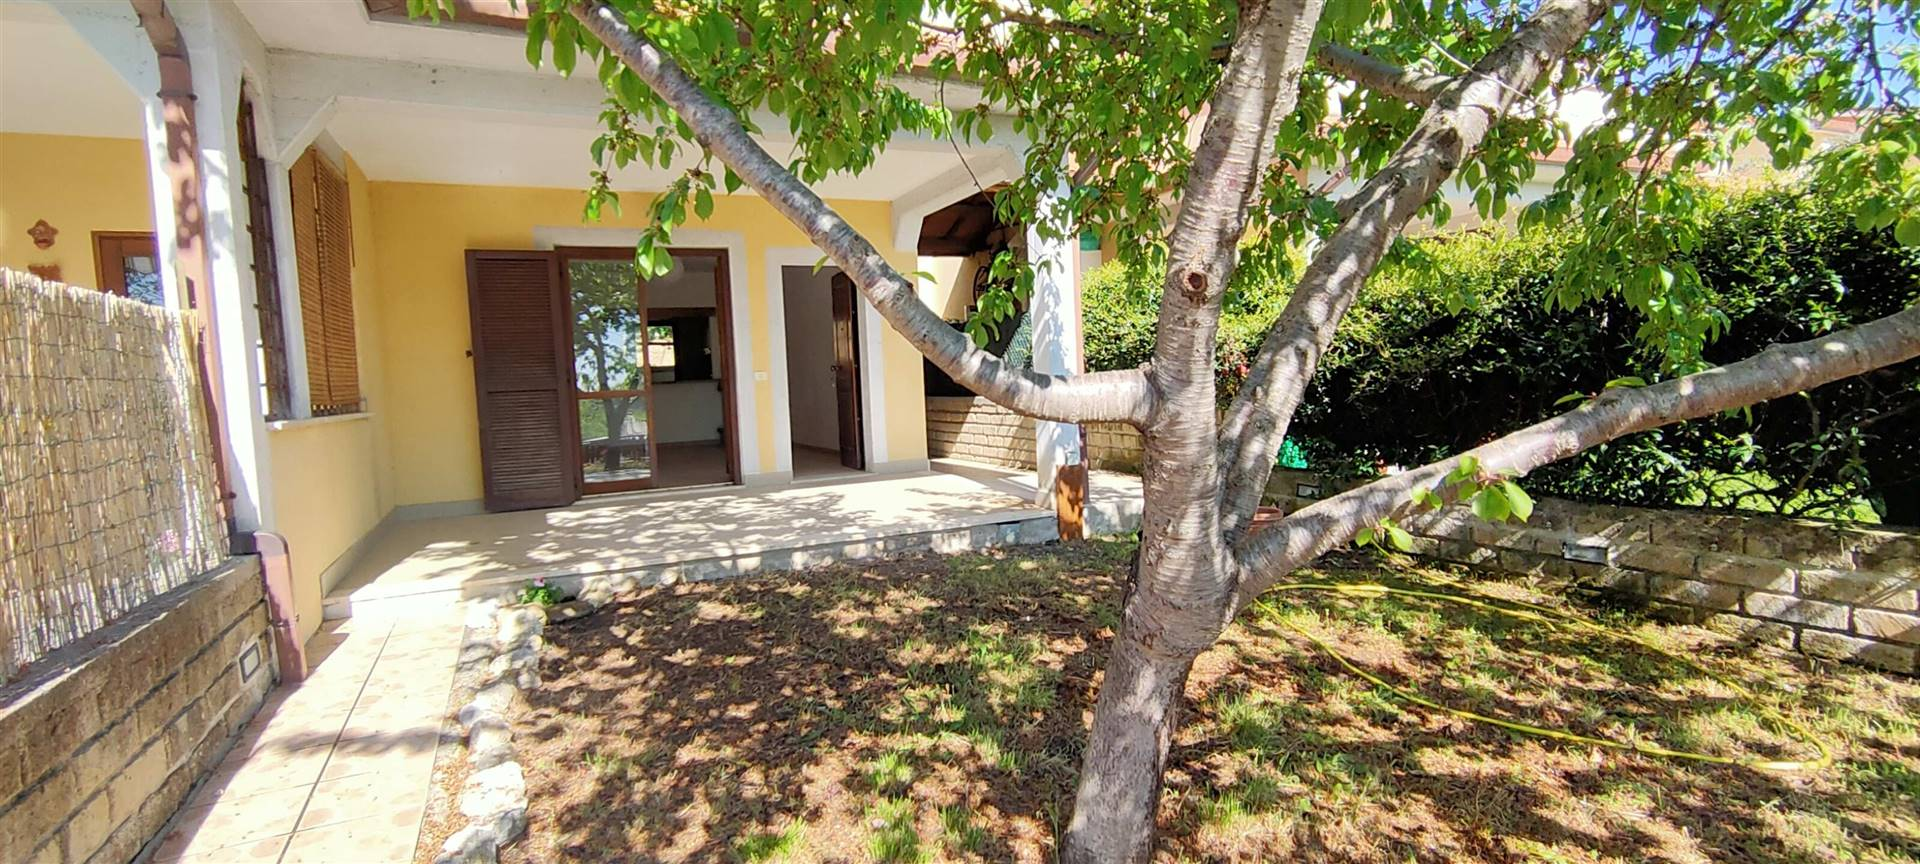 Torri in Sabina, in posizione panoramica e soleggiata proponiamo in vendita villino a schiera con giardino esclusivo e posto auto. La casa si